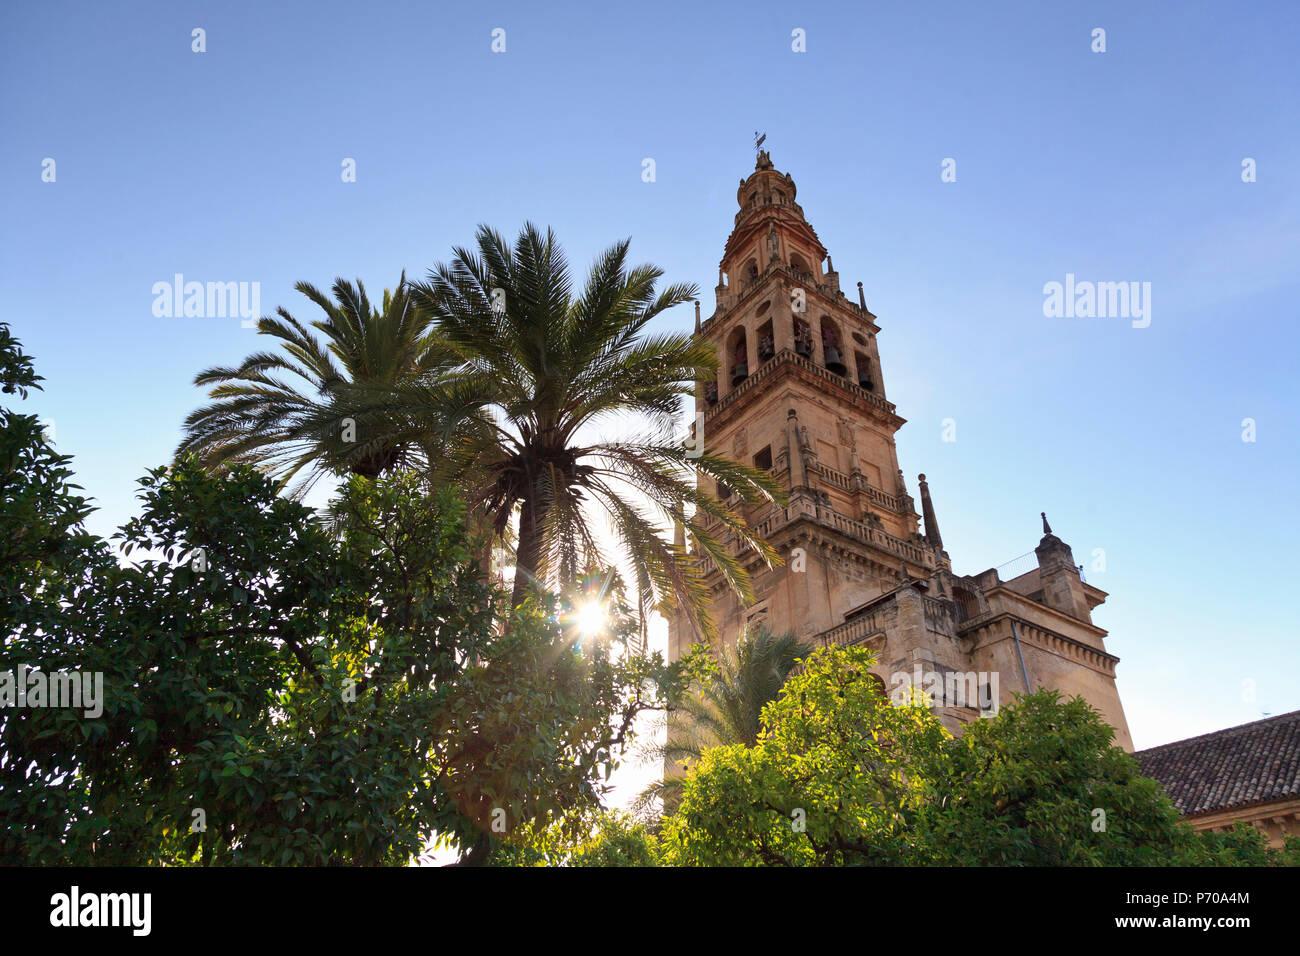 España, Andalucía, Córdoba, Mezquita Catedral (Mezquita - Catedral) (UNESCO Sitio) Imagen De Stock